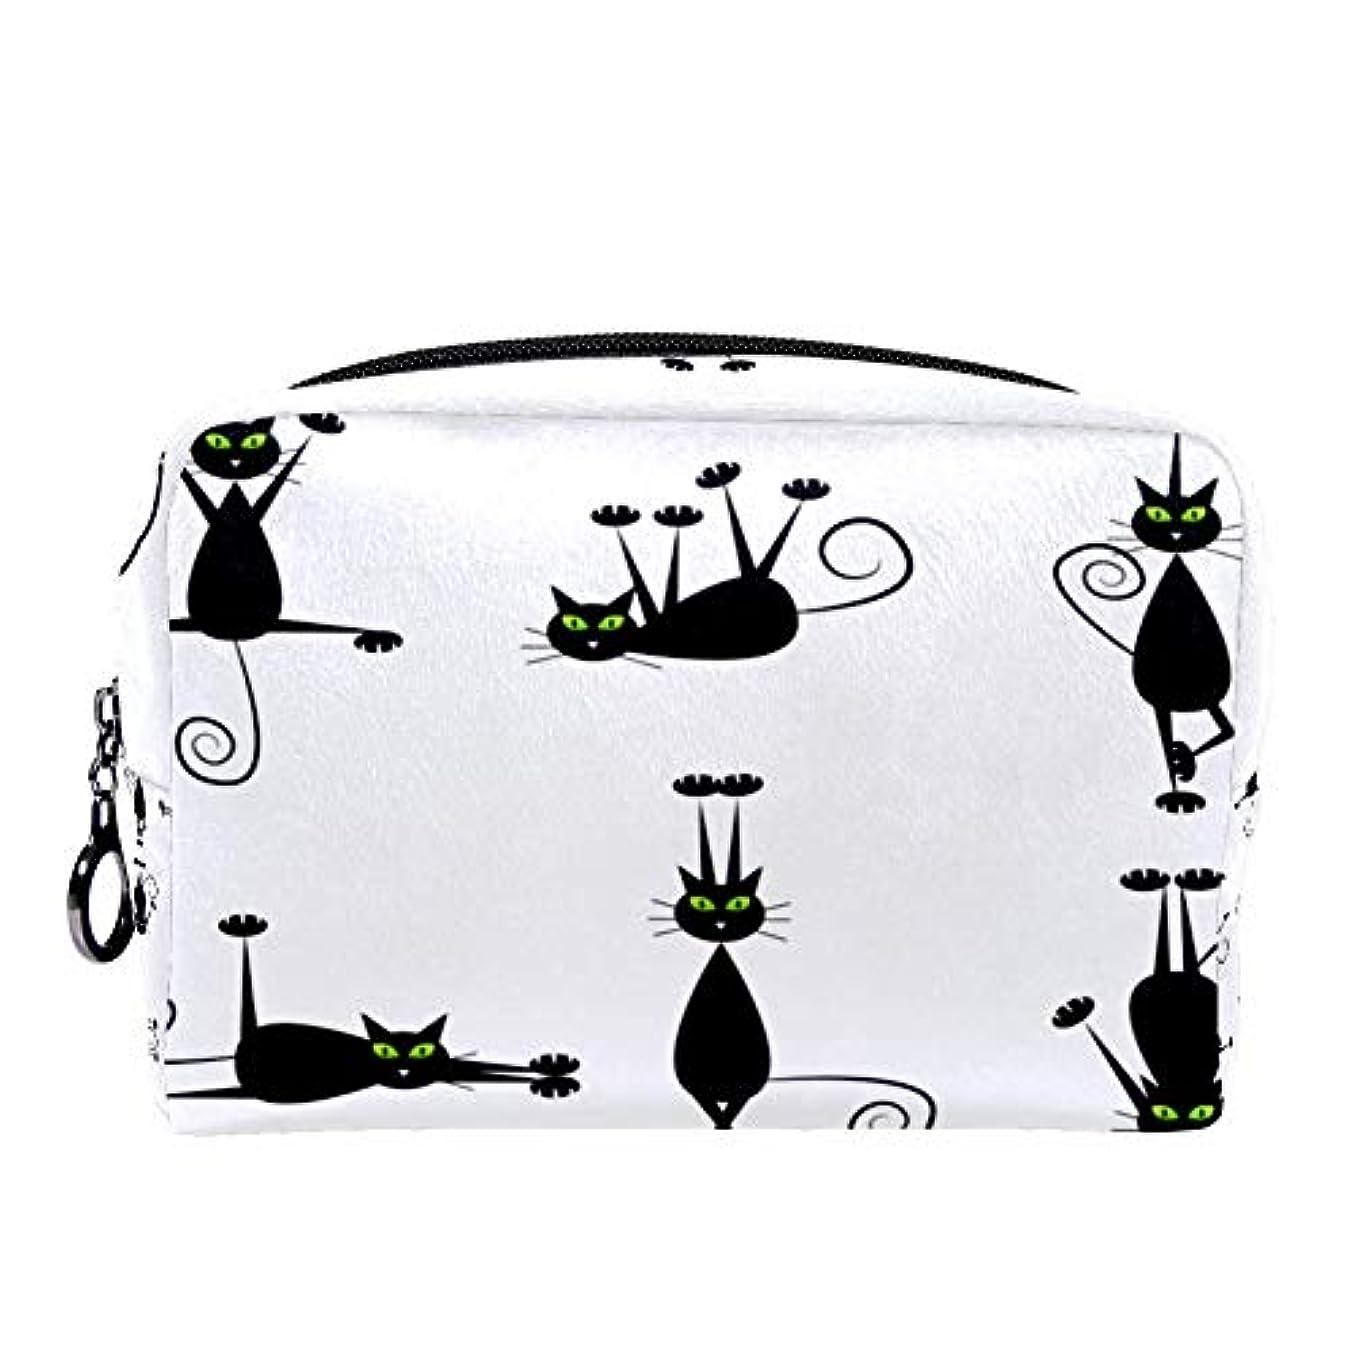 ファントム表向きバンドDragon Sword 化粧ポーチ レディース 黒い 猫柄 コスメポーチ メイクポーチ 柔らかい コンパクト 軽量 化粧品収納 小物ポーチ出張 旅行 持ち運び便利